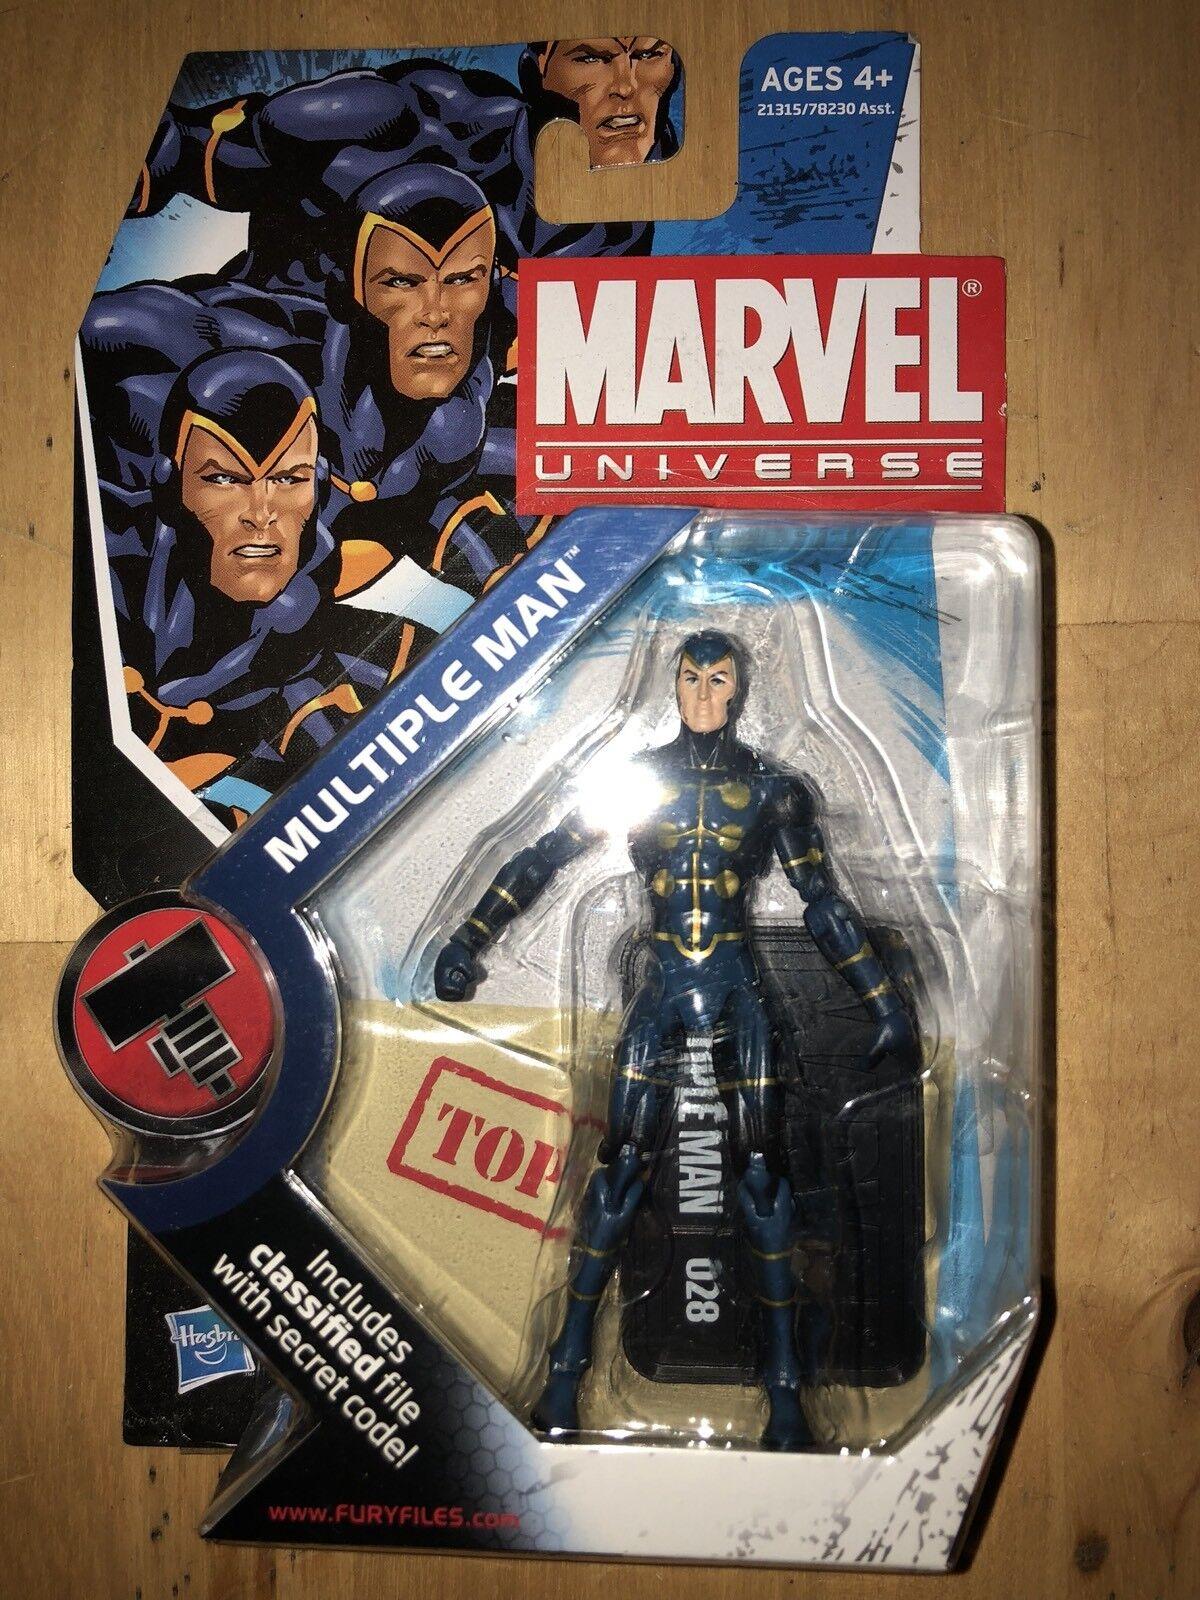 Marvel Universe MULTIPLE MAN AF MU 31